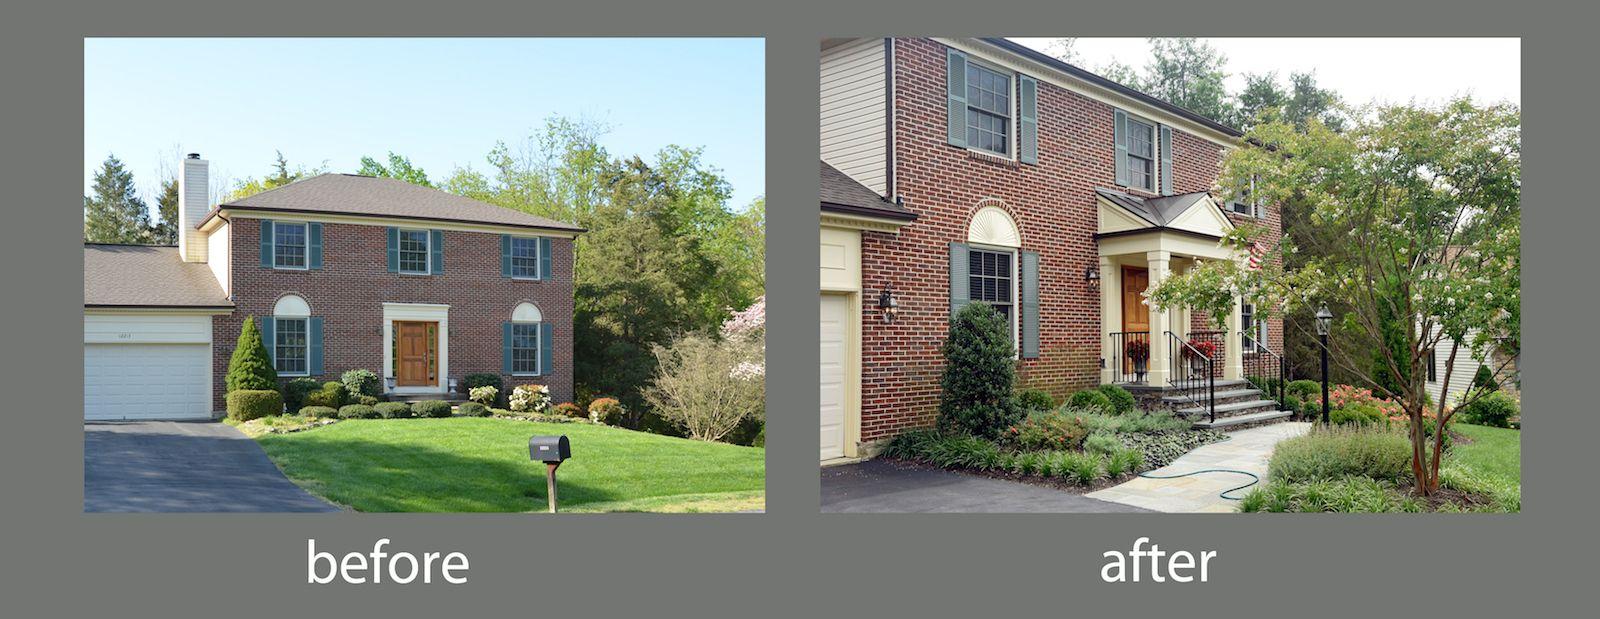 Before After Front Yard Landscape Design Herndon Va Front Yard Landscaping Design Modern Front Yard Front Yard Landscaping